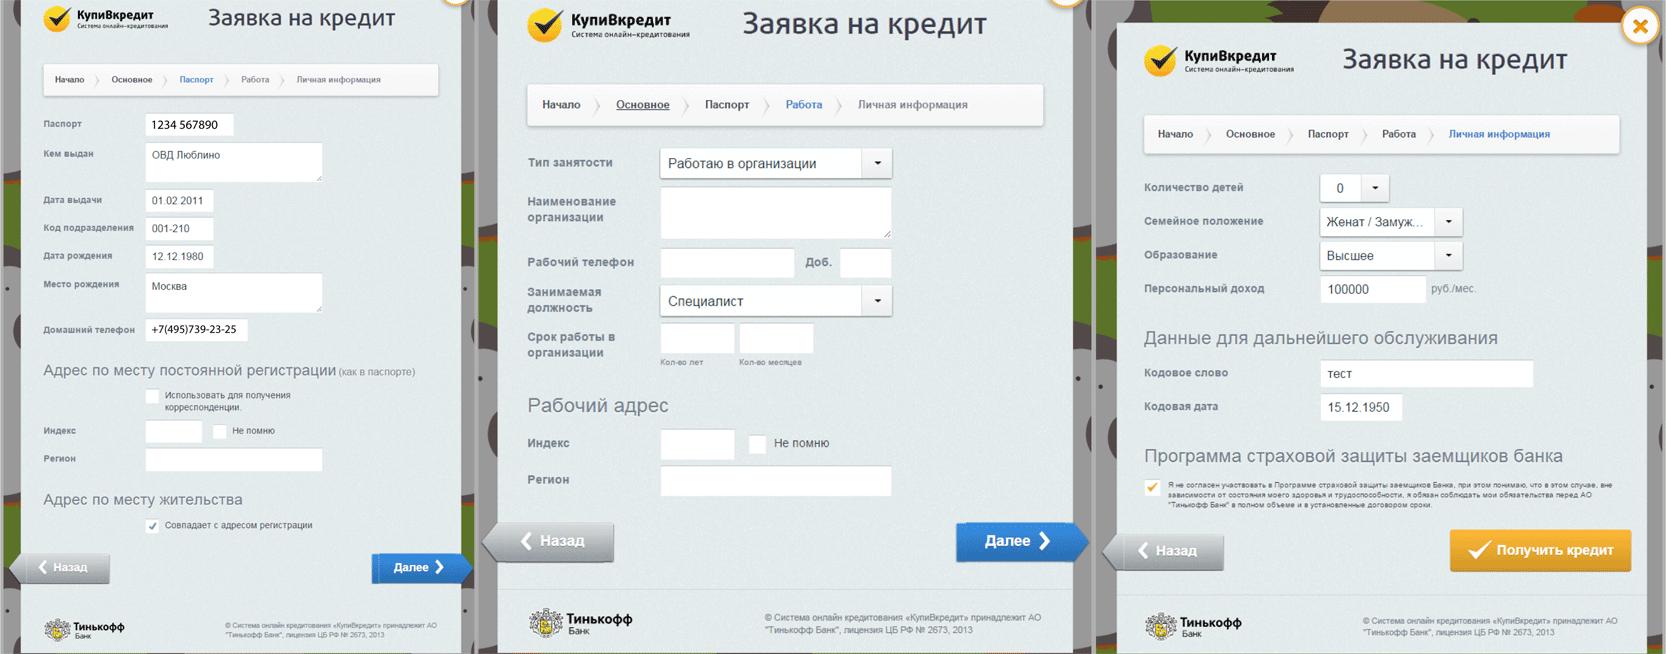 kupivkredit-4